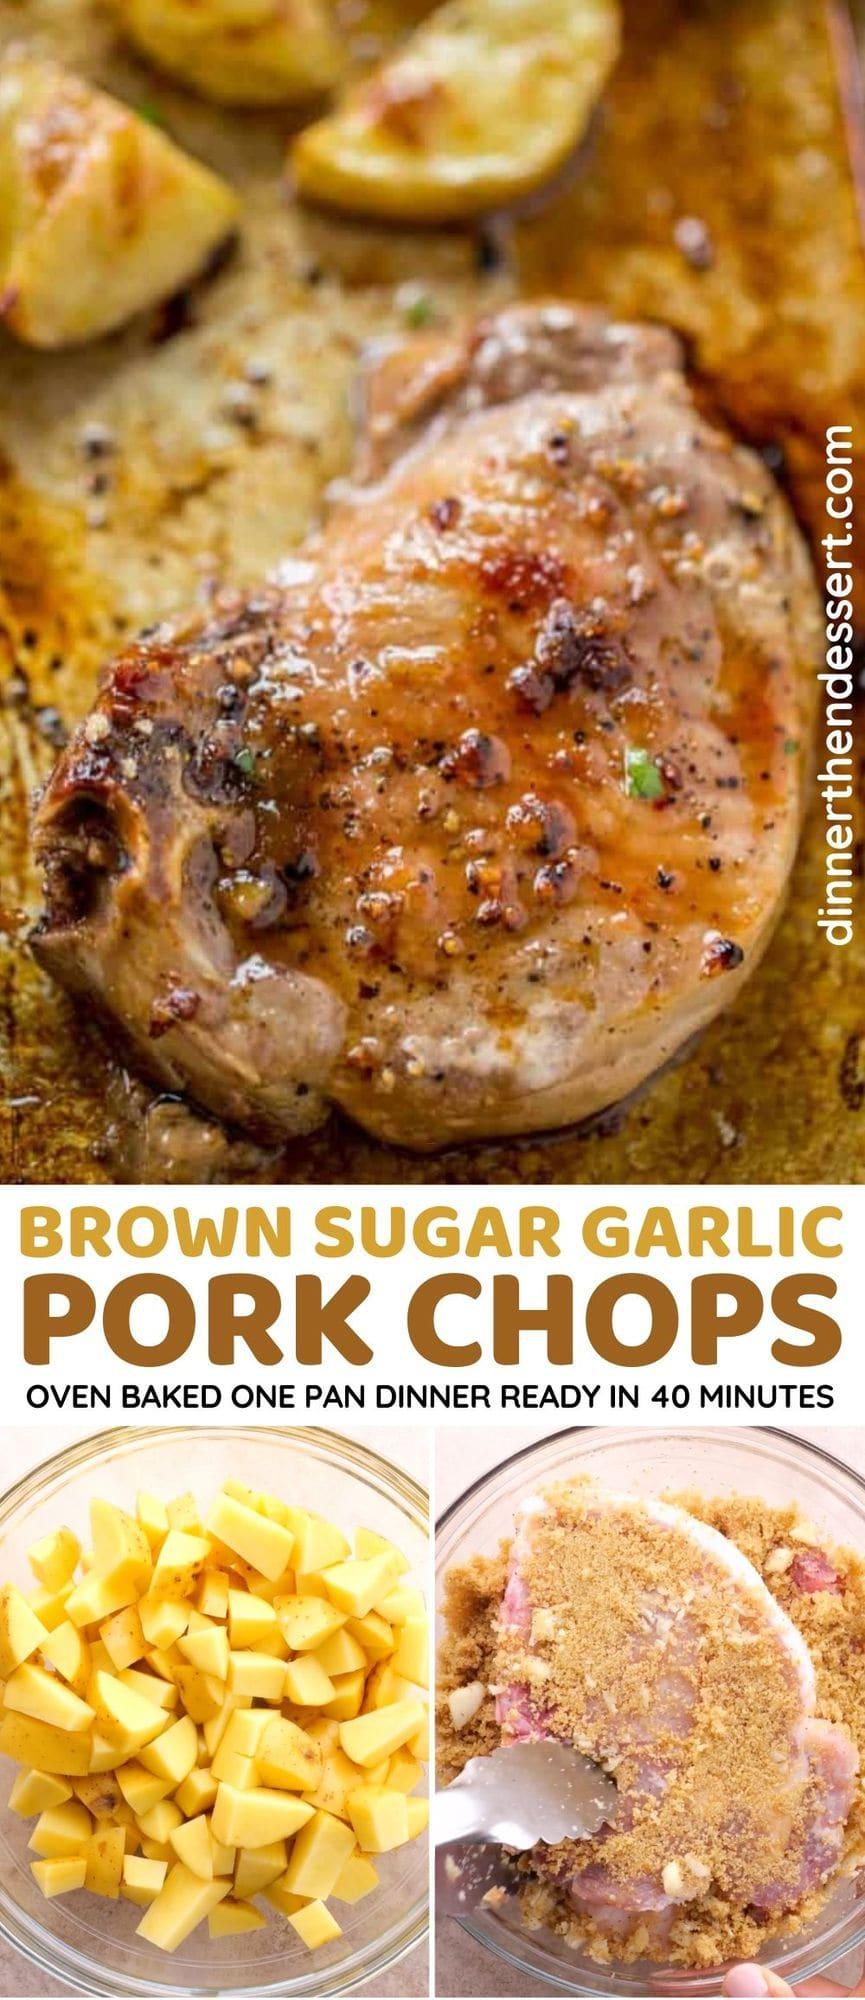 Brown Sugar Garlic Pork Chops collage